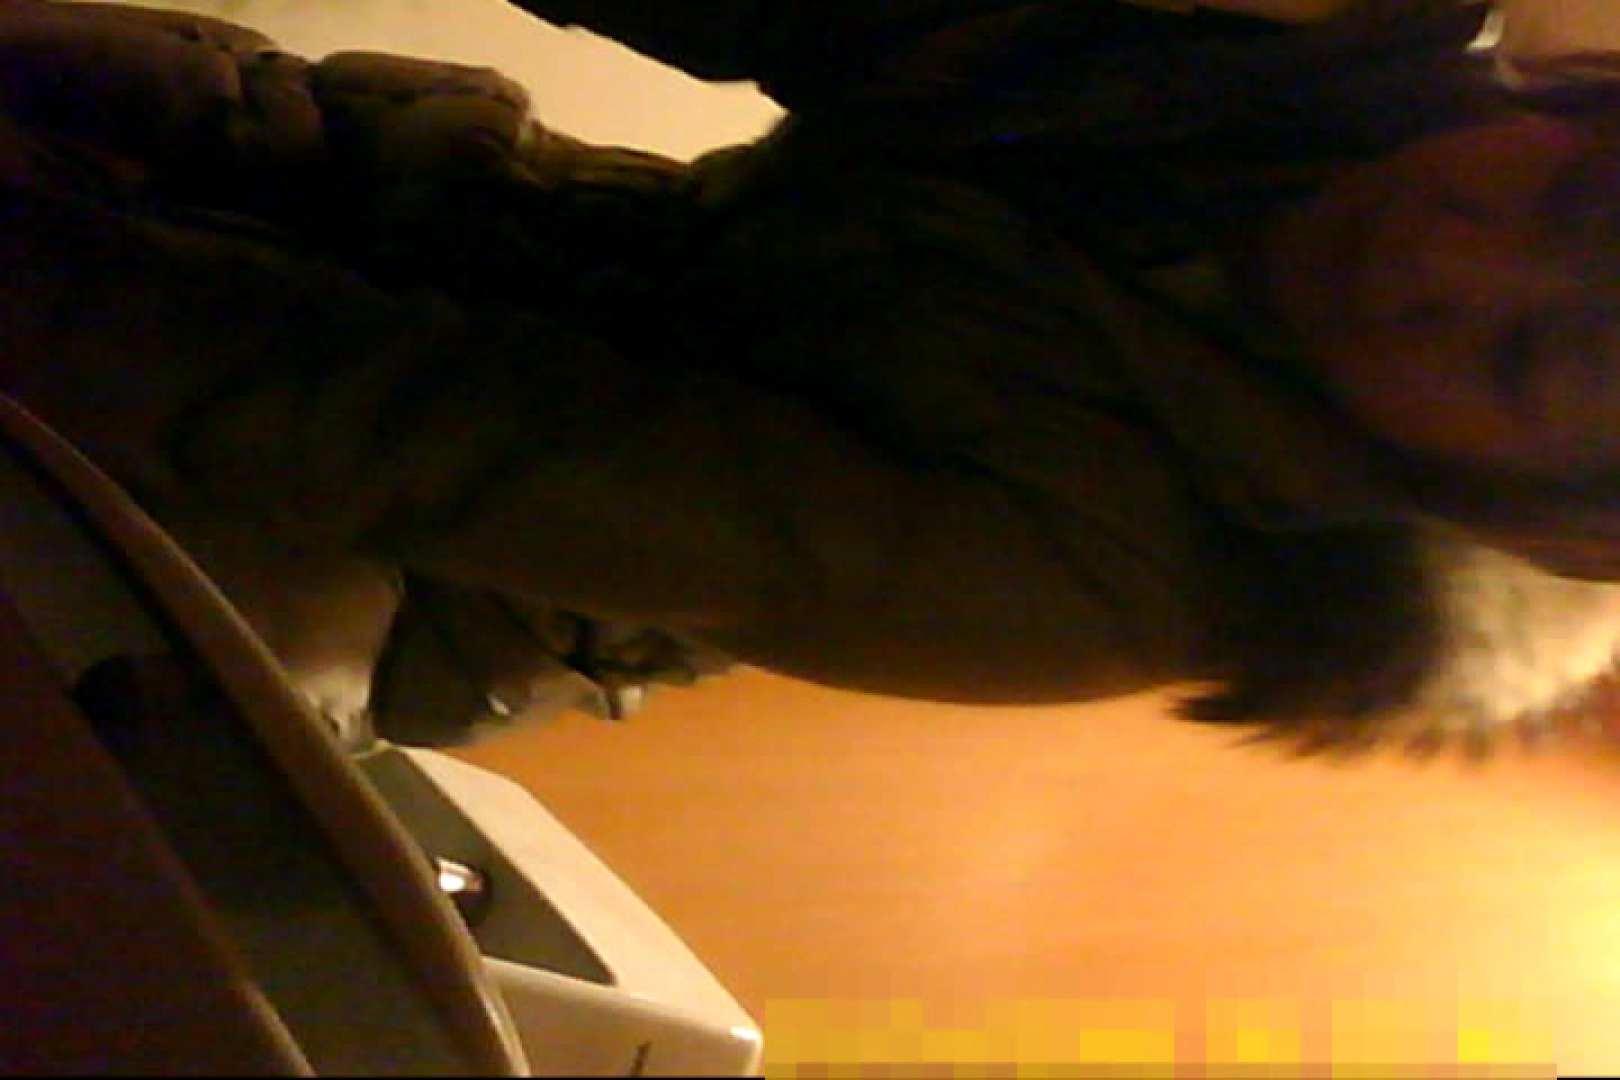 魅惑の化粧室~禁断のプライベート空間~12 盗撮 ぱこり動画紹介 97pic 34